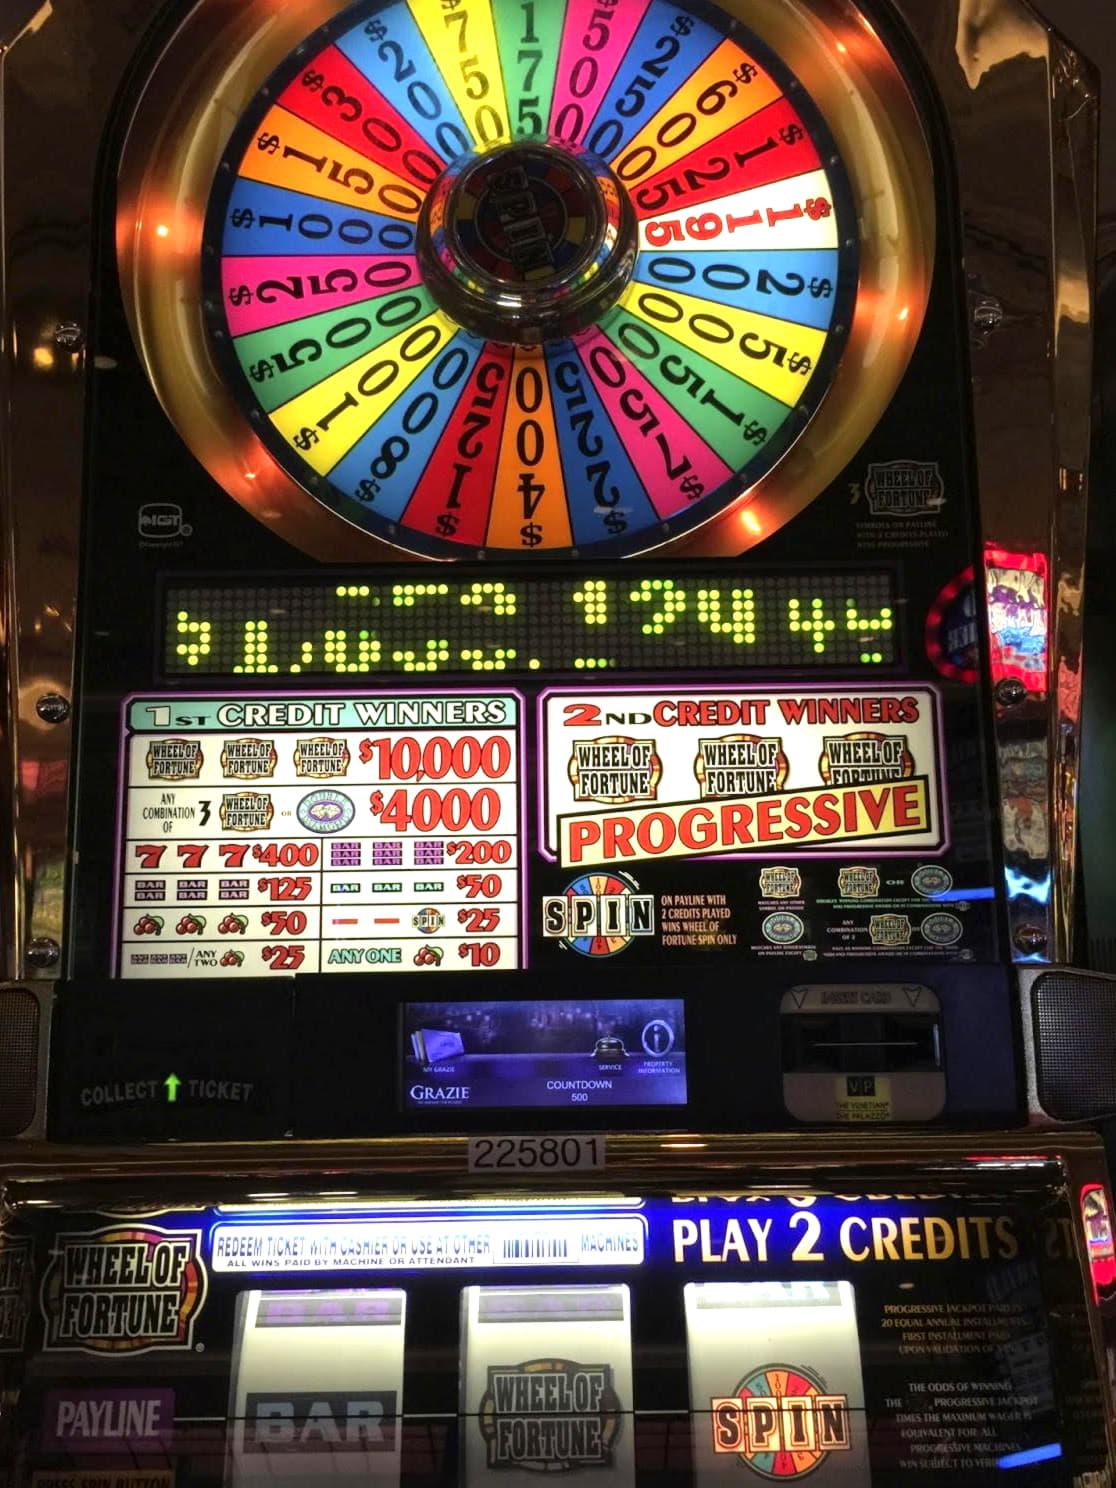 €4610 NO DEPOSIT BONUS at Casino com